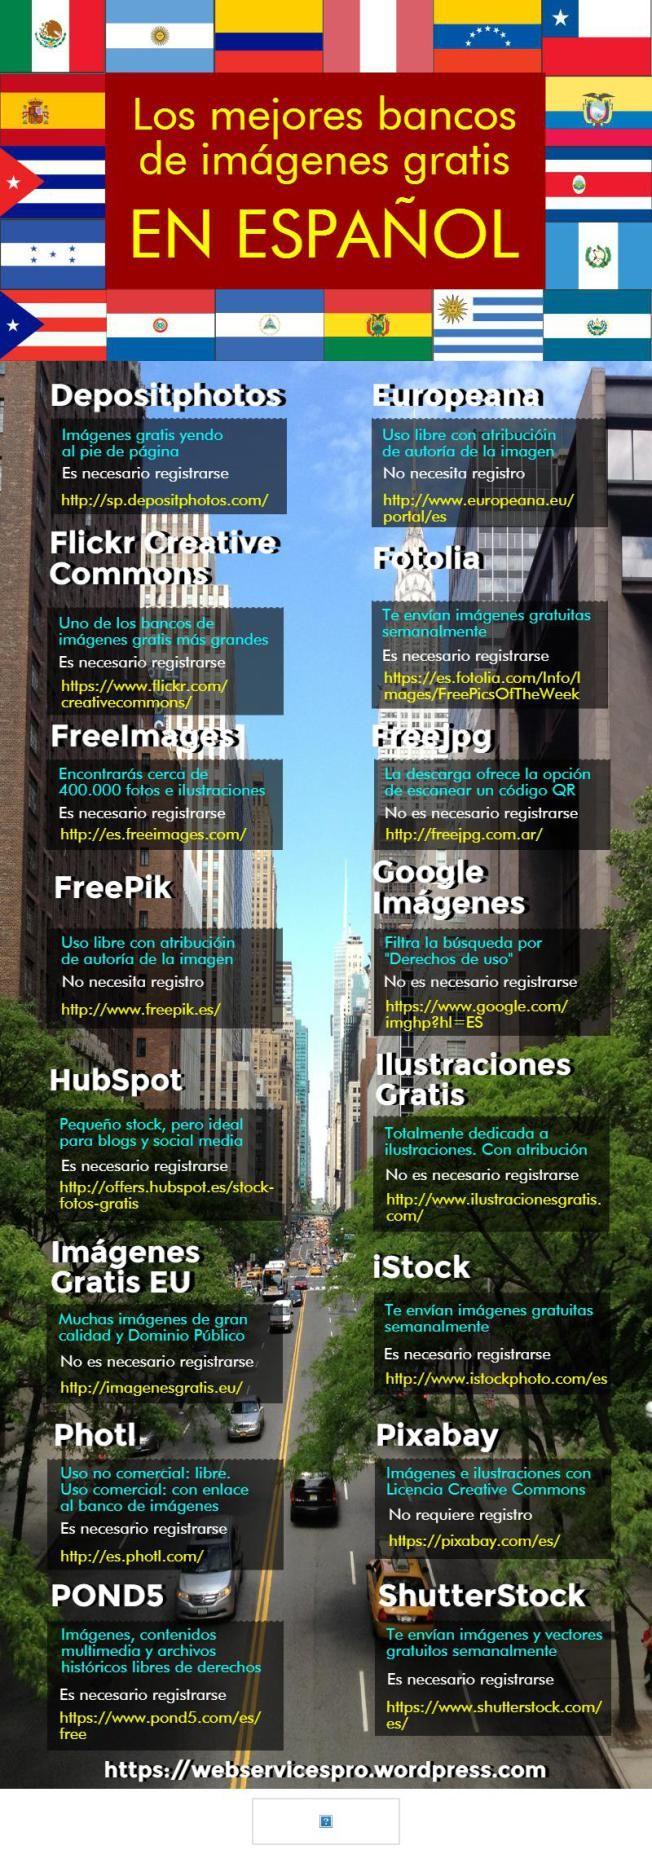 Los mejores bancos de imágenes gratis en español